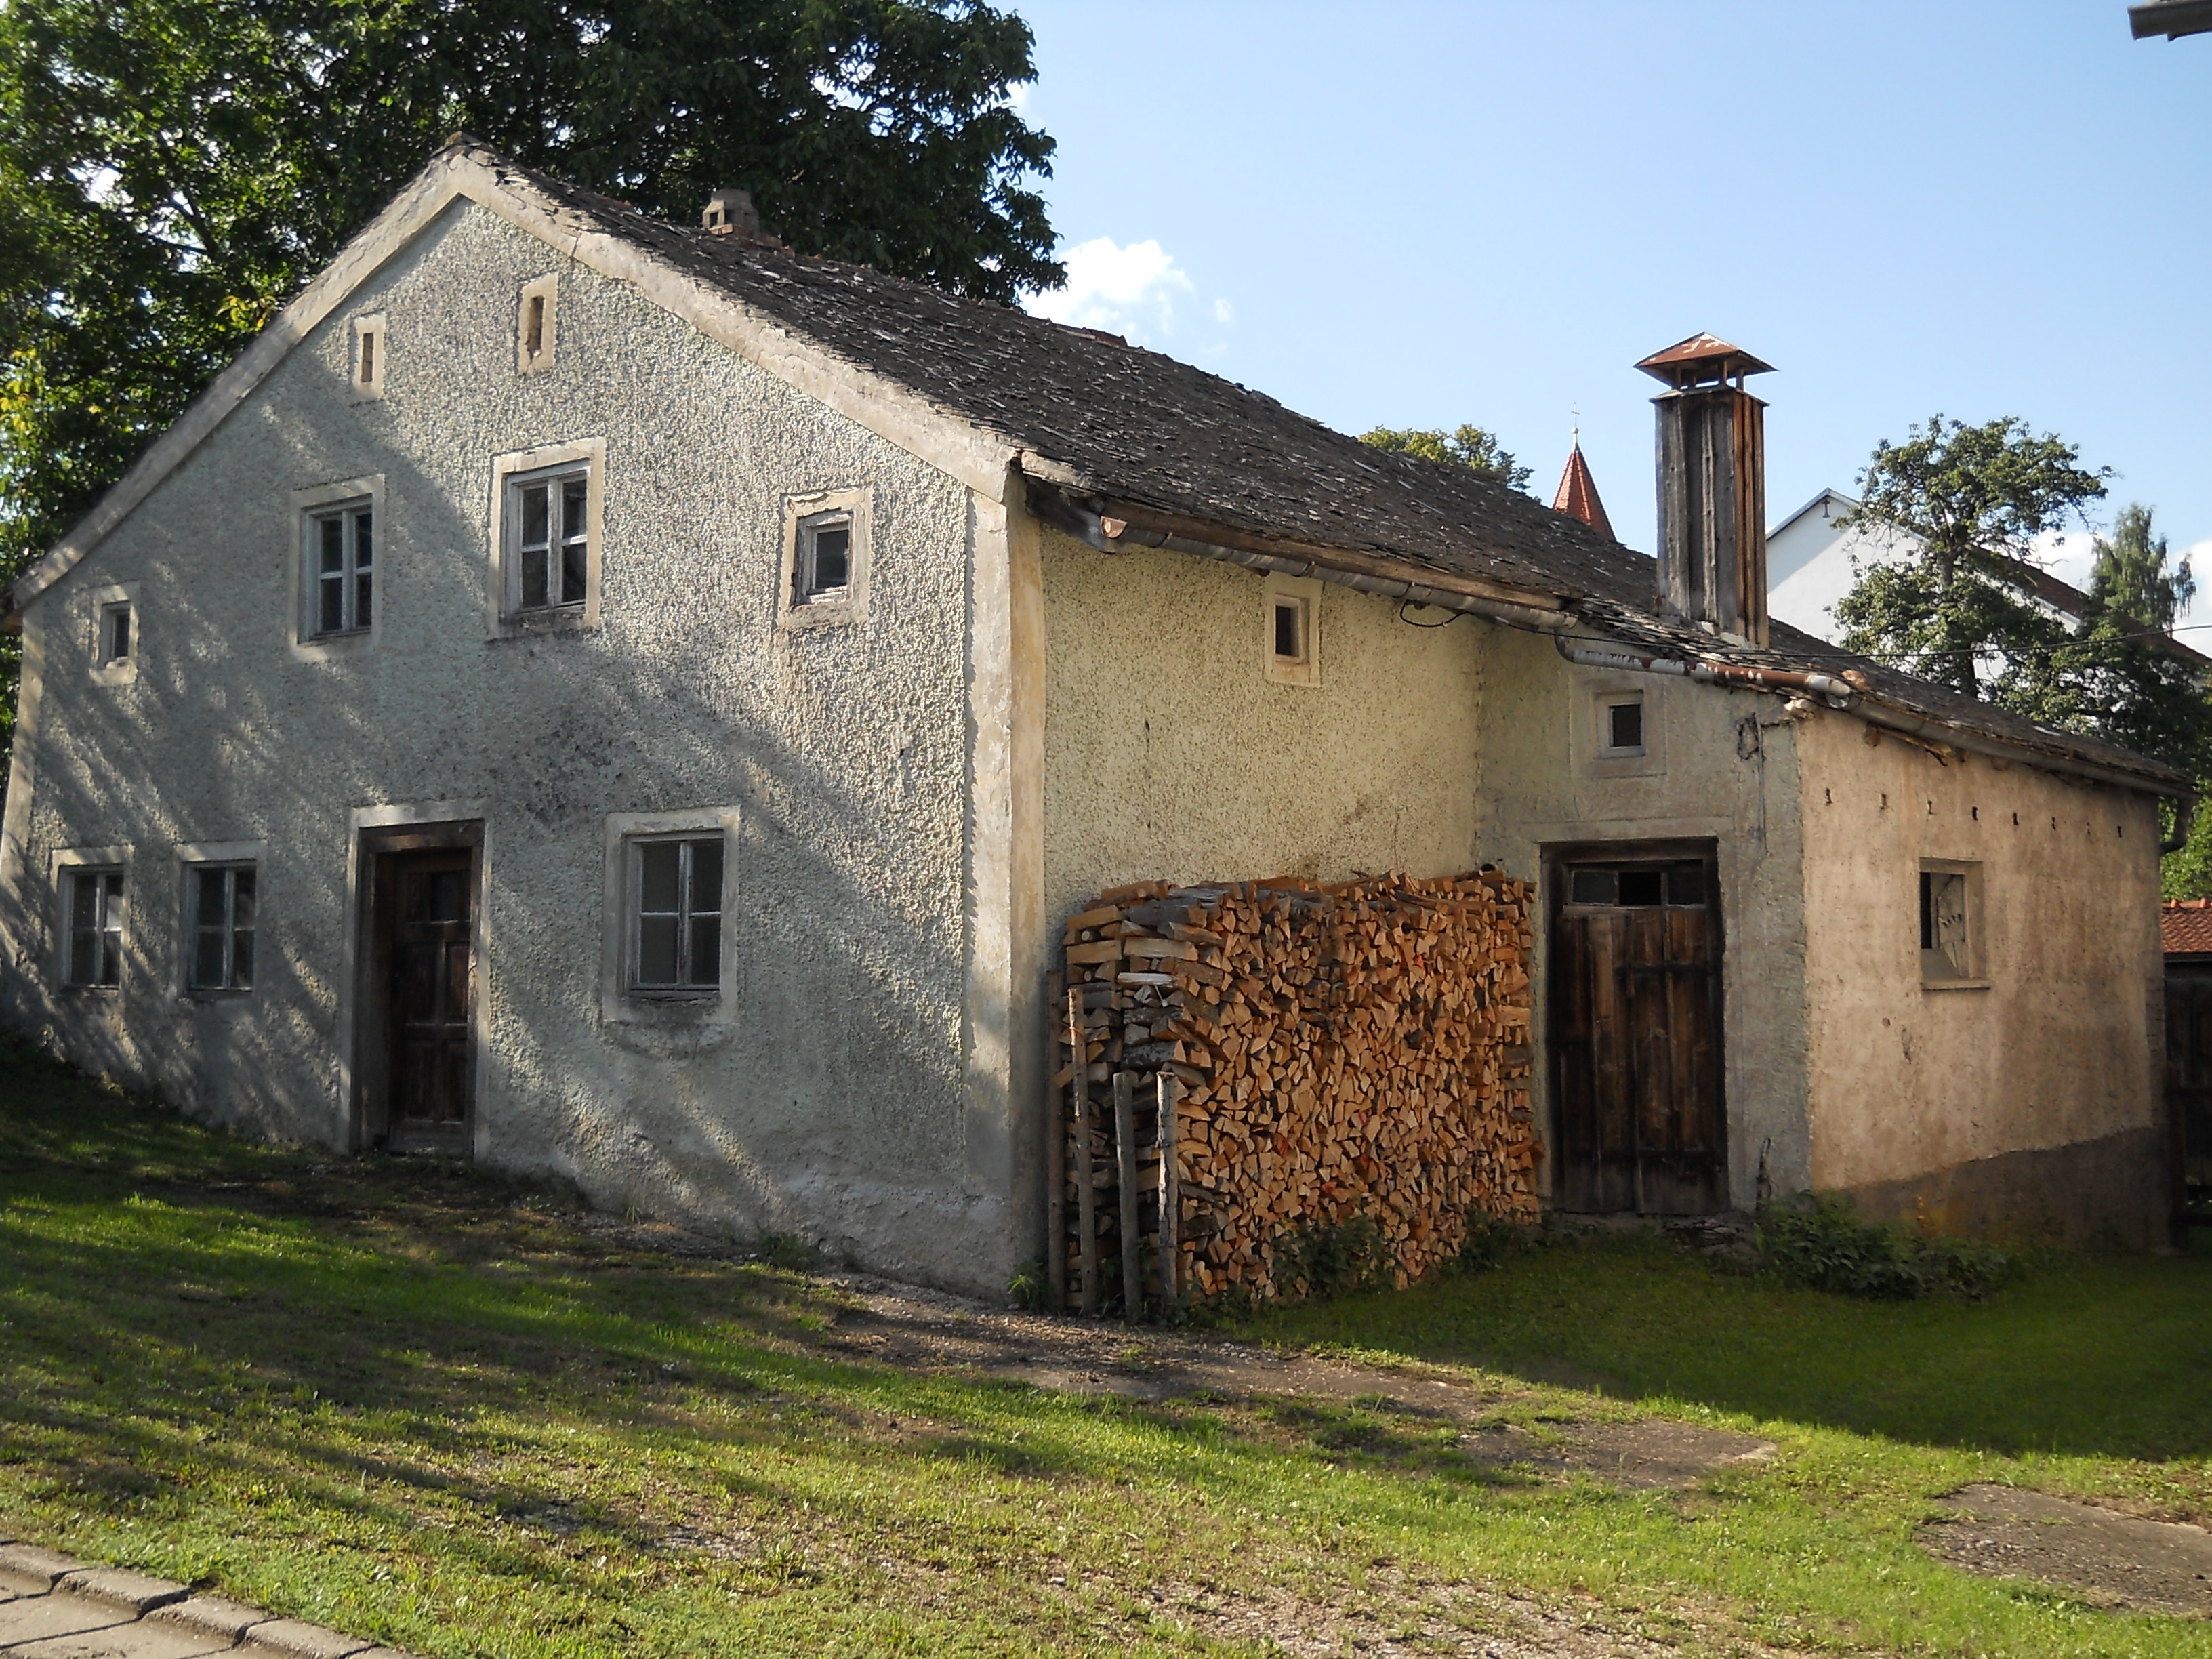 Datei:Wintershof, Jura-Haus.JPG – Wikipedia